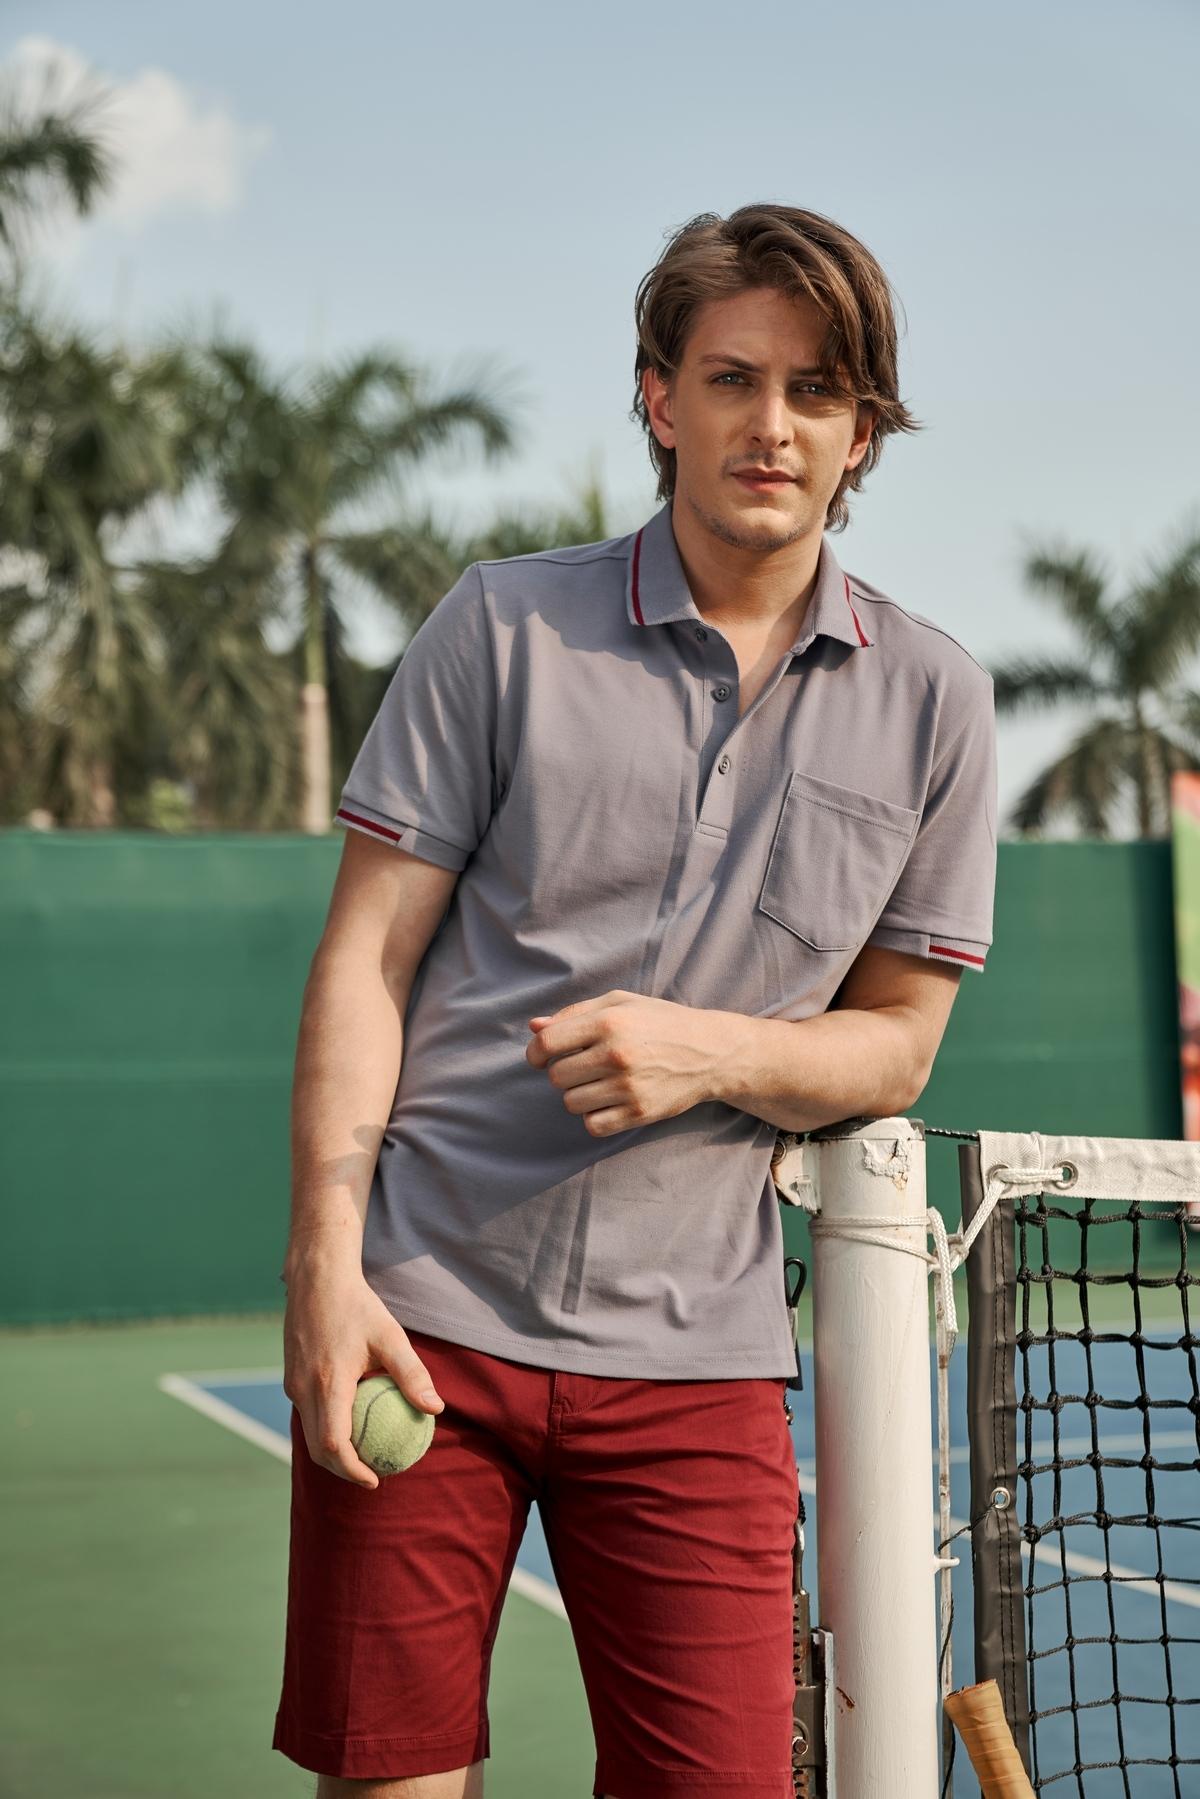 Áo polo nam ( Regularfit) màu ghi DGC - SAP1905M giảm giá 20% còn 340.000 đồng. Các chàng yêu thể thao cũng có thể chọn áo polo màu ghi phối cùng quần short khác màu.